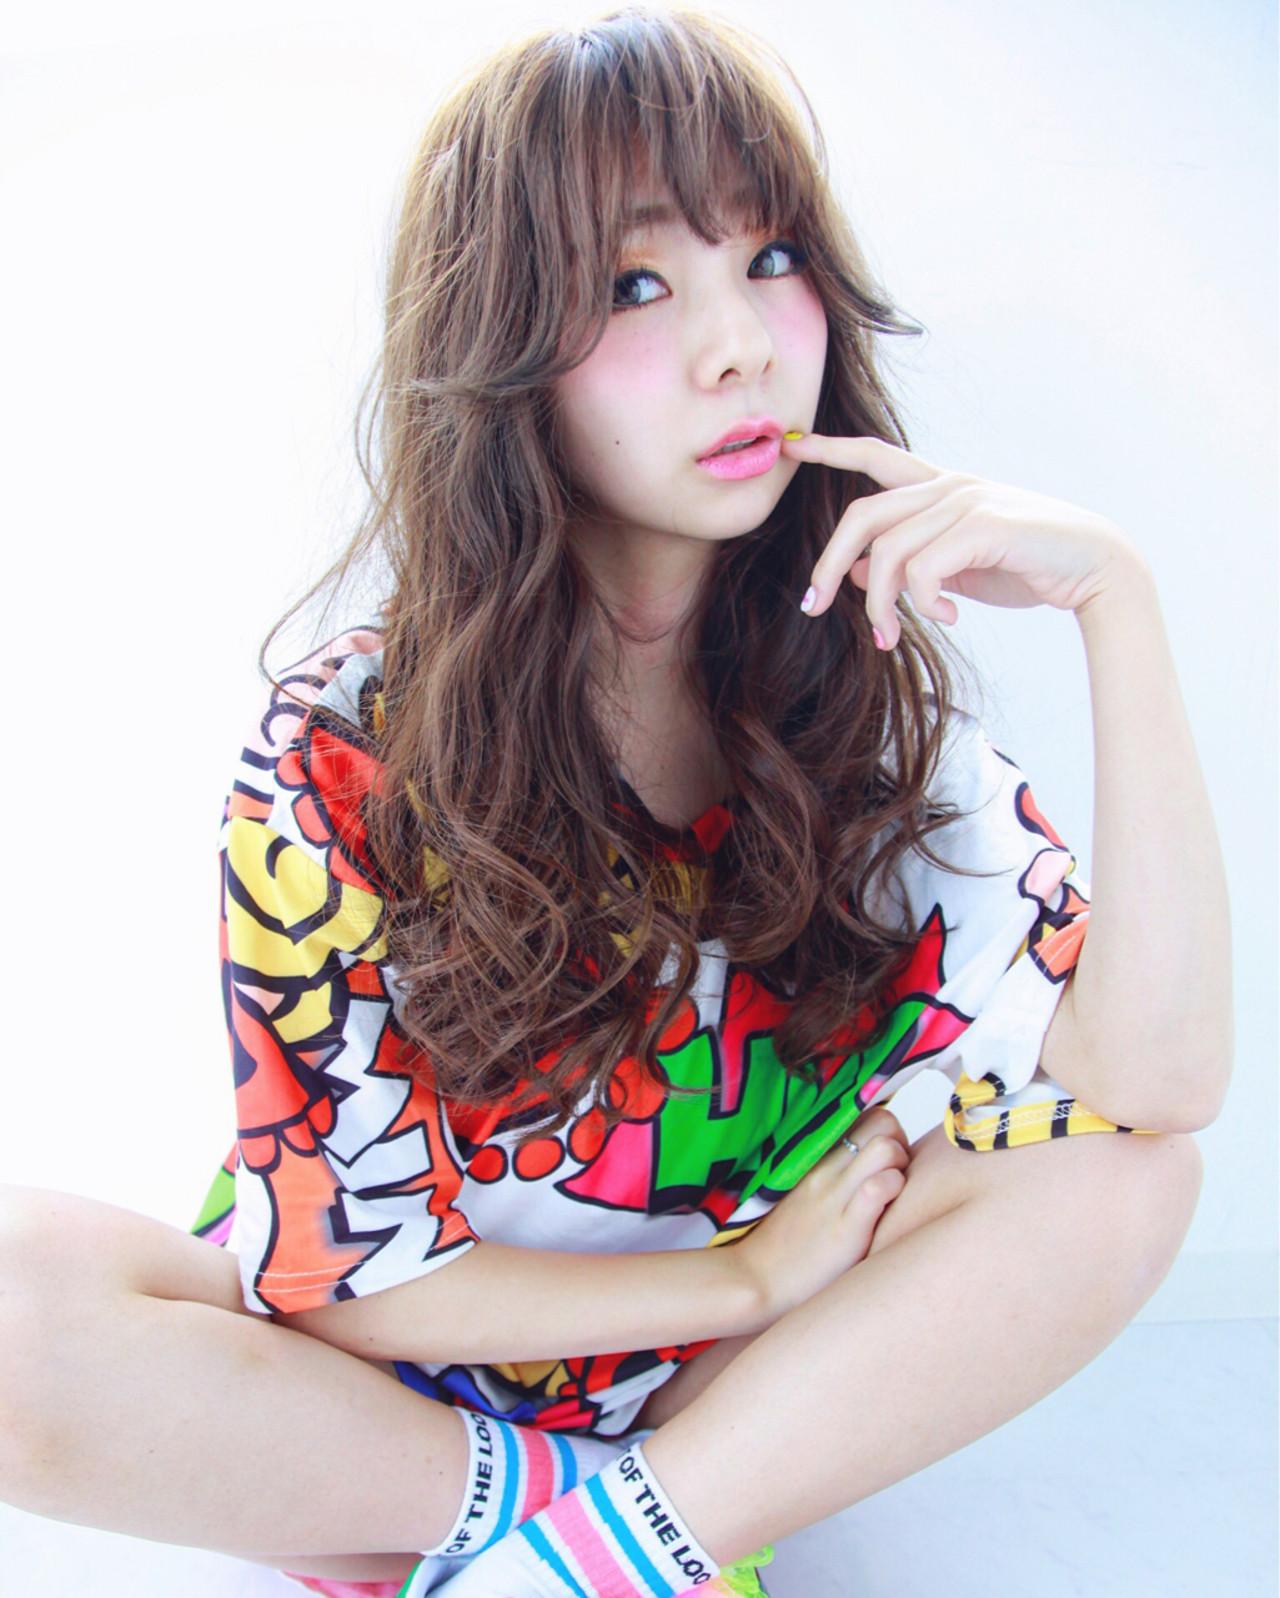 アッシュ ロング ハイライト ゆるふわ ヘアスタイルや髪型の写真・画像 | 澤井 裕貴 / powder hair